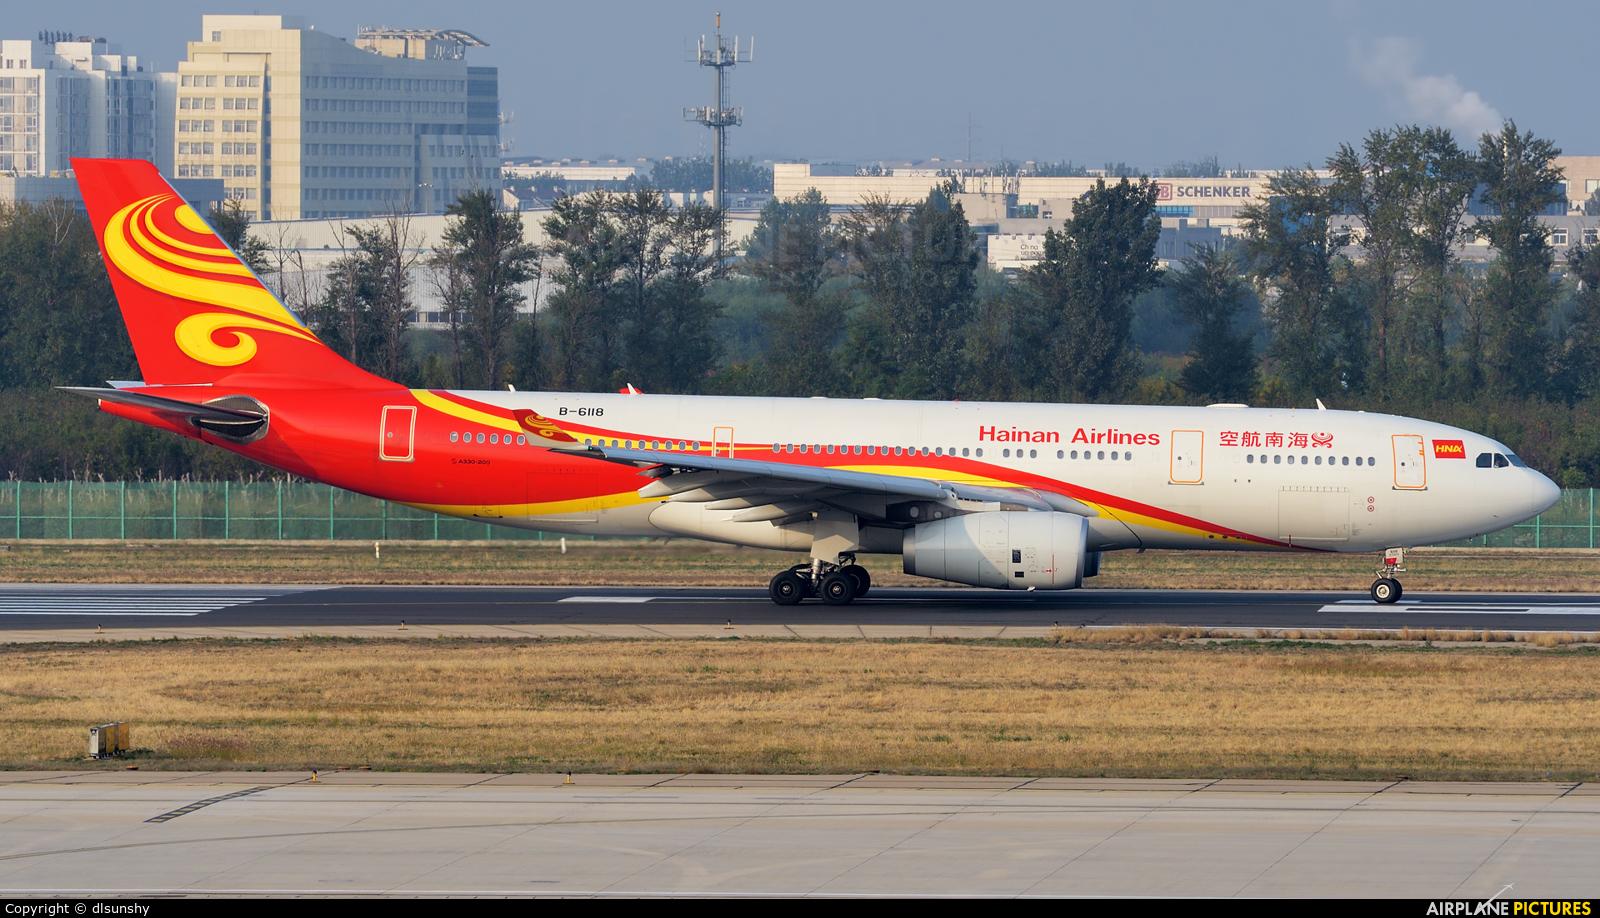 Hainan Airlines B-6118 aircraft at Beijing - Capital